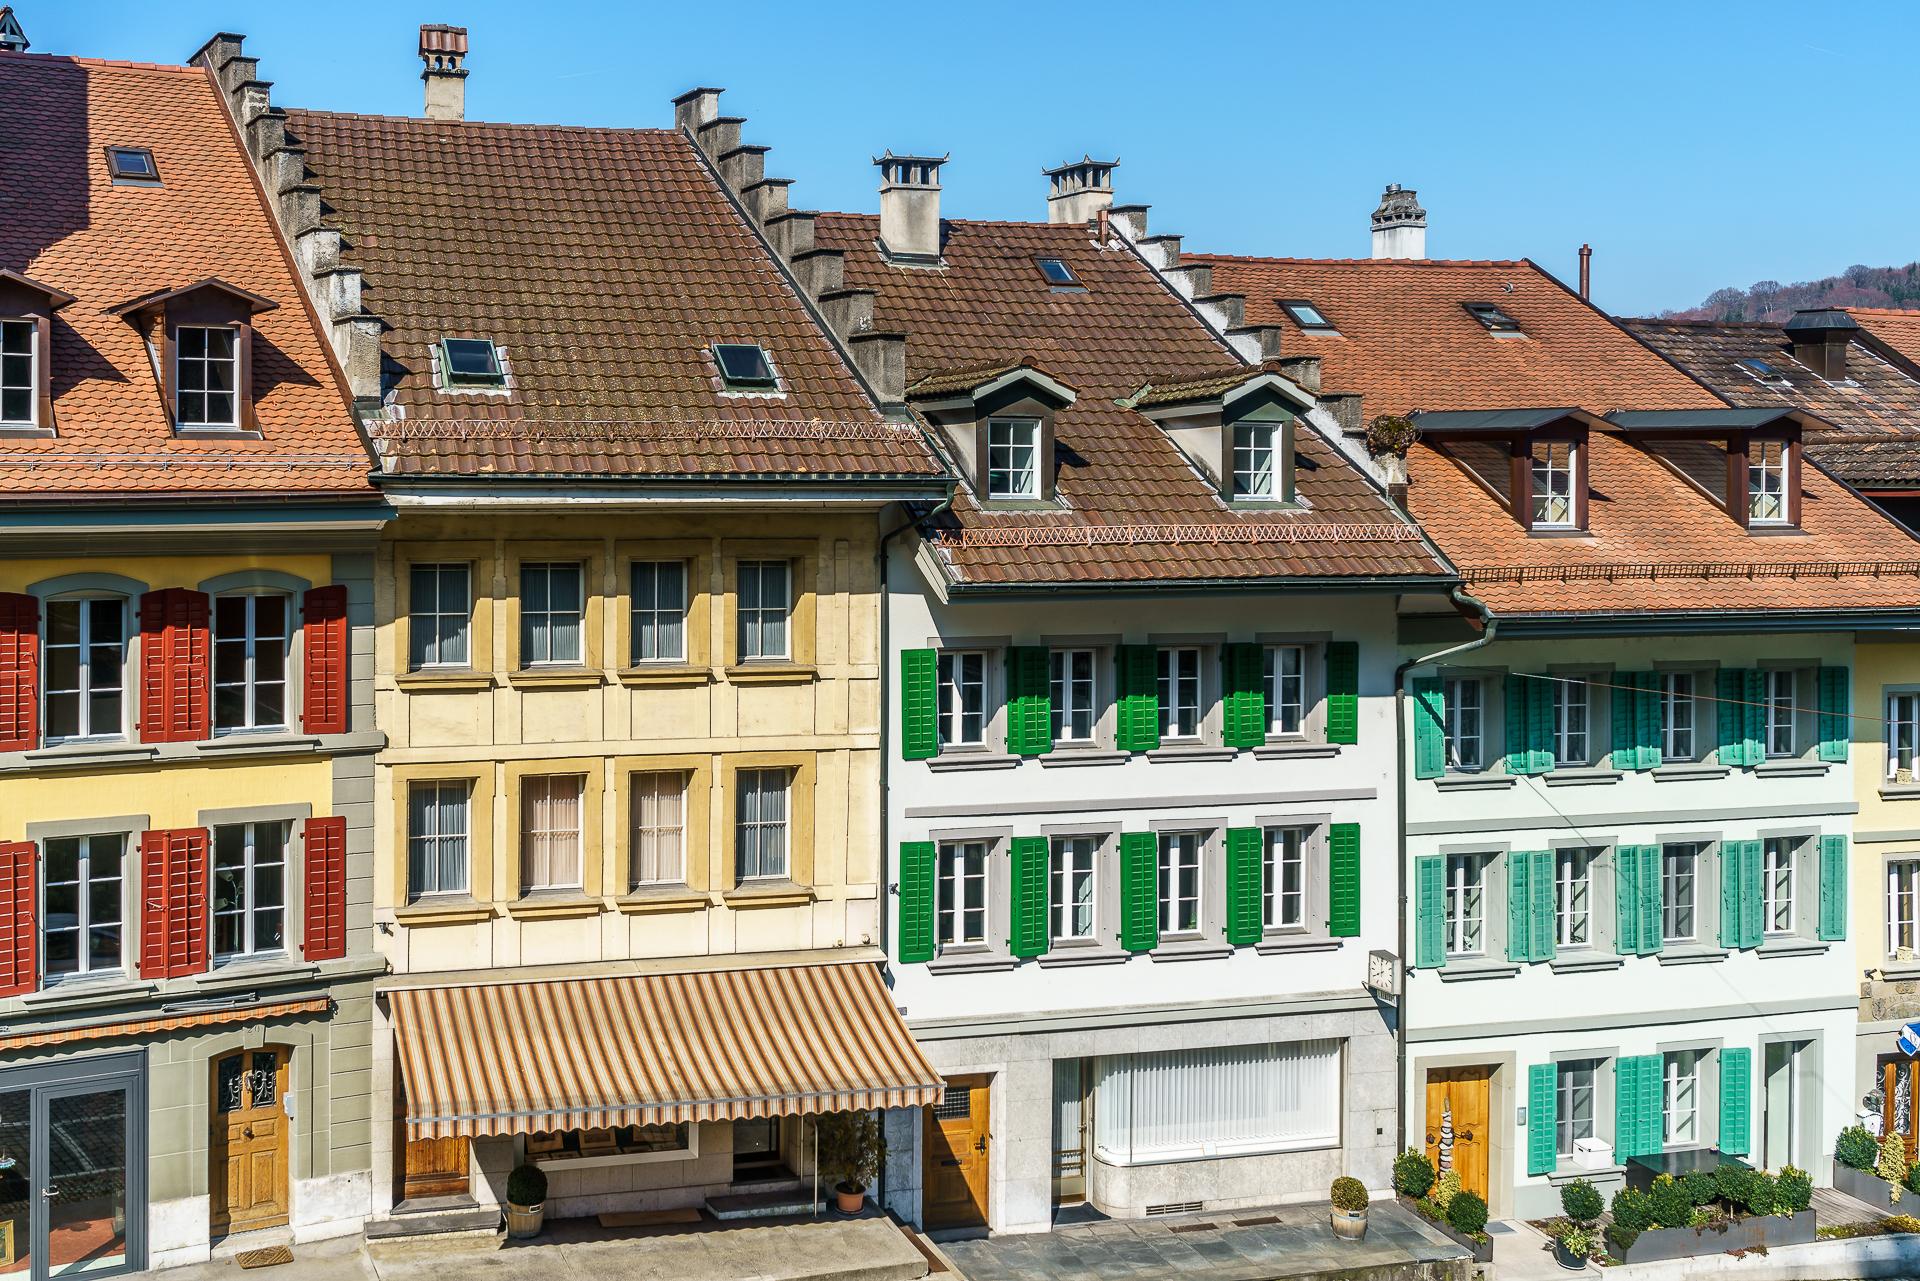 Burgdorf-Altstadt-2